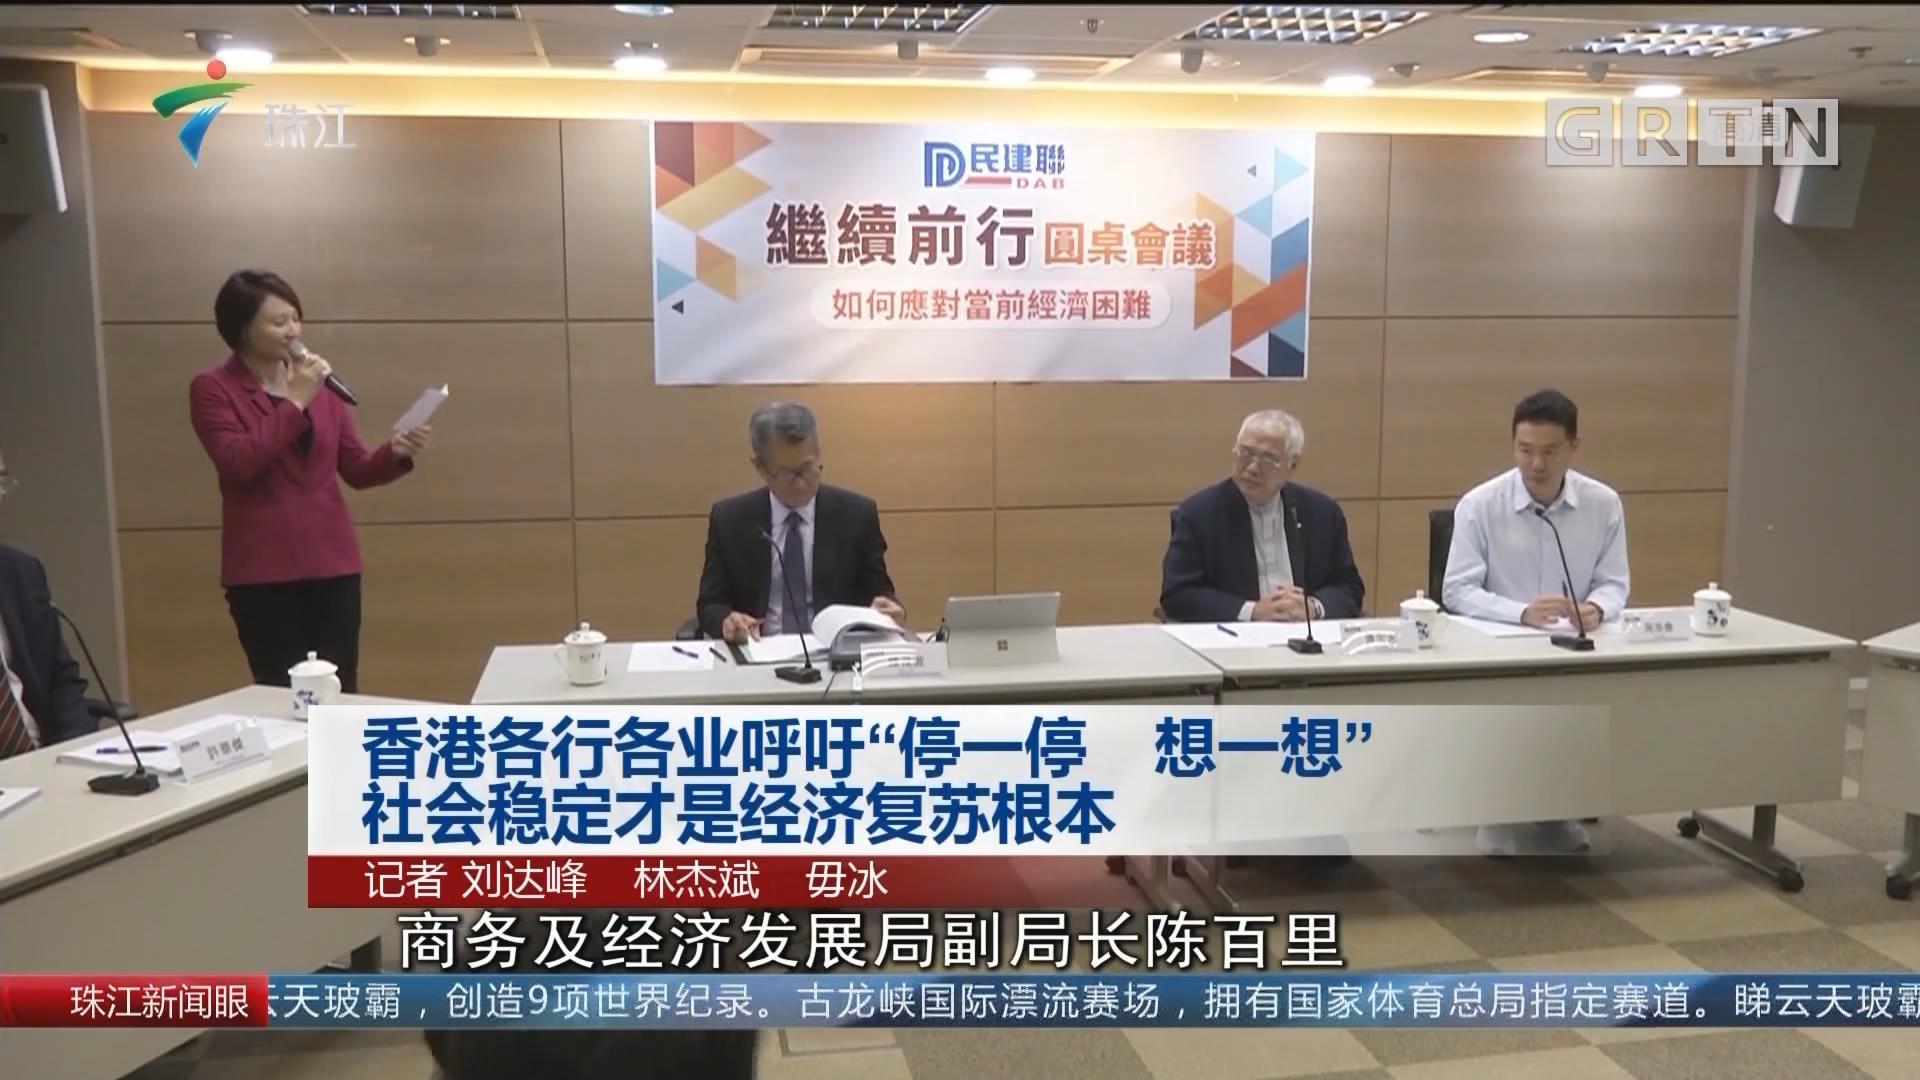 """香港各行各业呼吁""""停一停 想一想"""" 社会稳定才是经济复苏根本"""